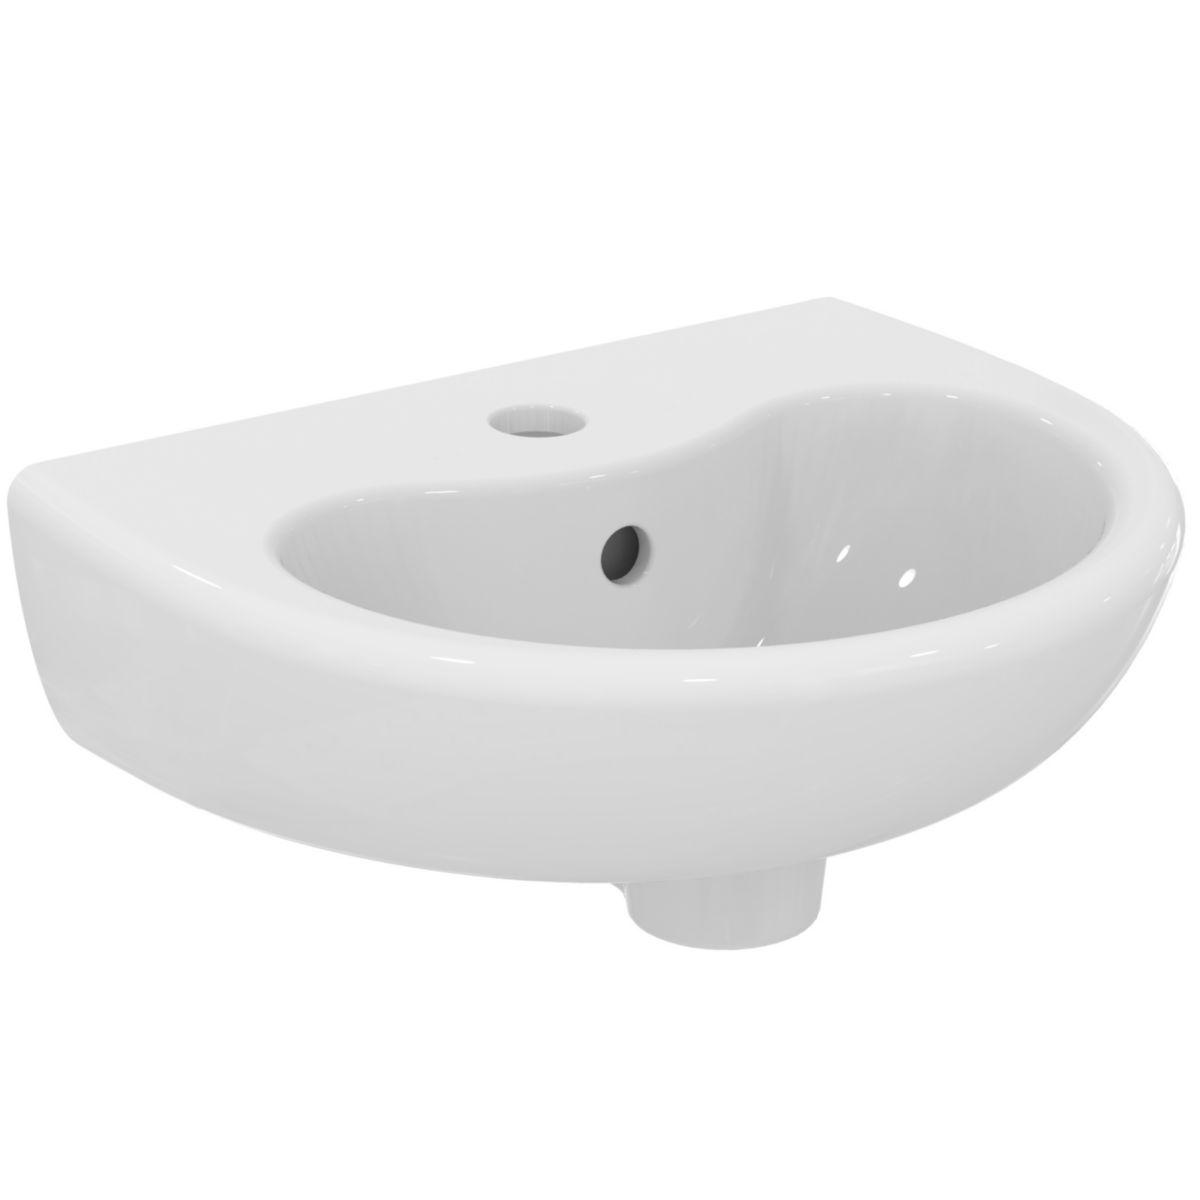 Lavabo Contour 21 40 x 33 perce 1 trou avec trop plein blanc Réf. S263801